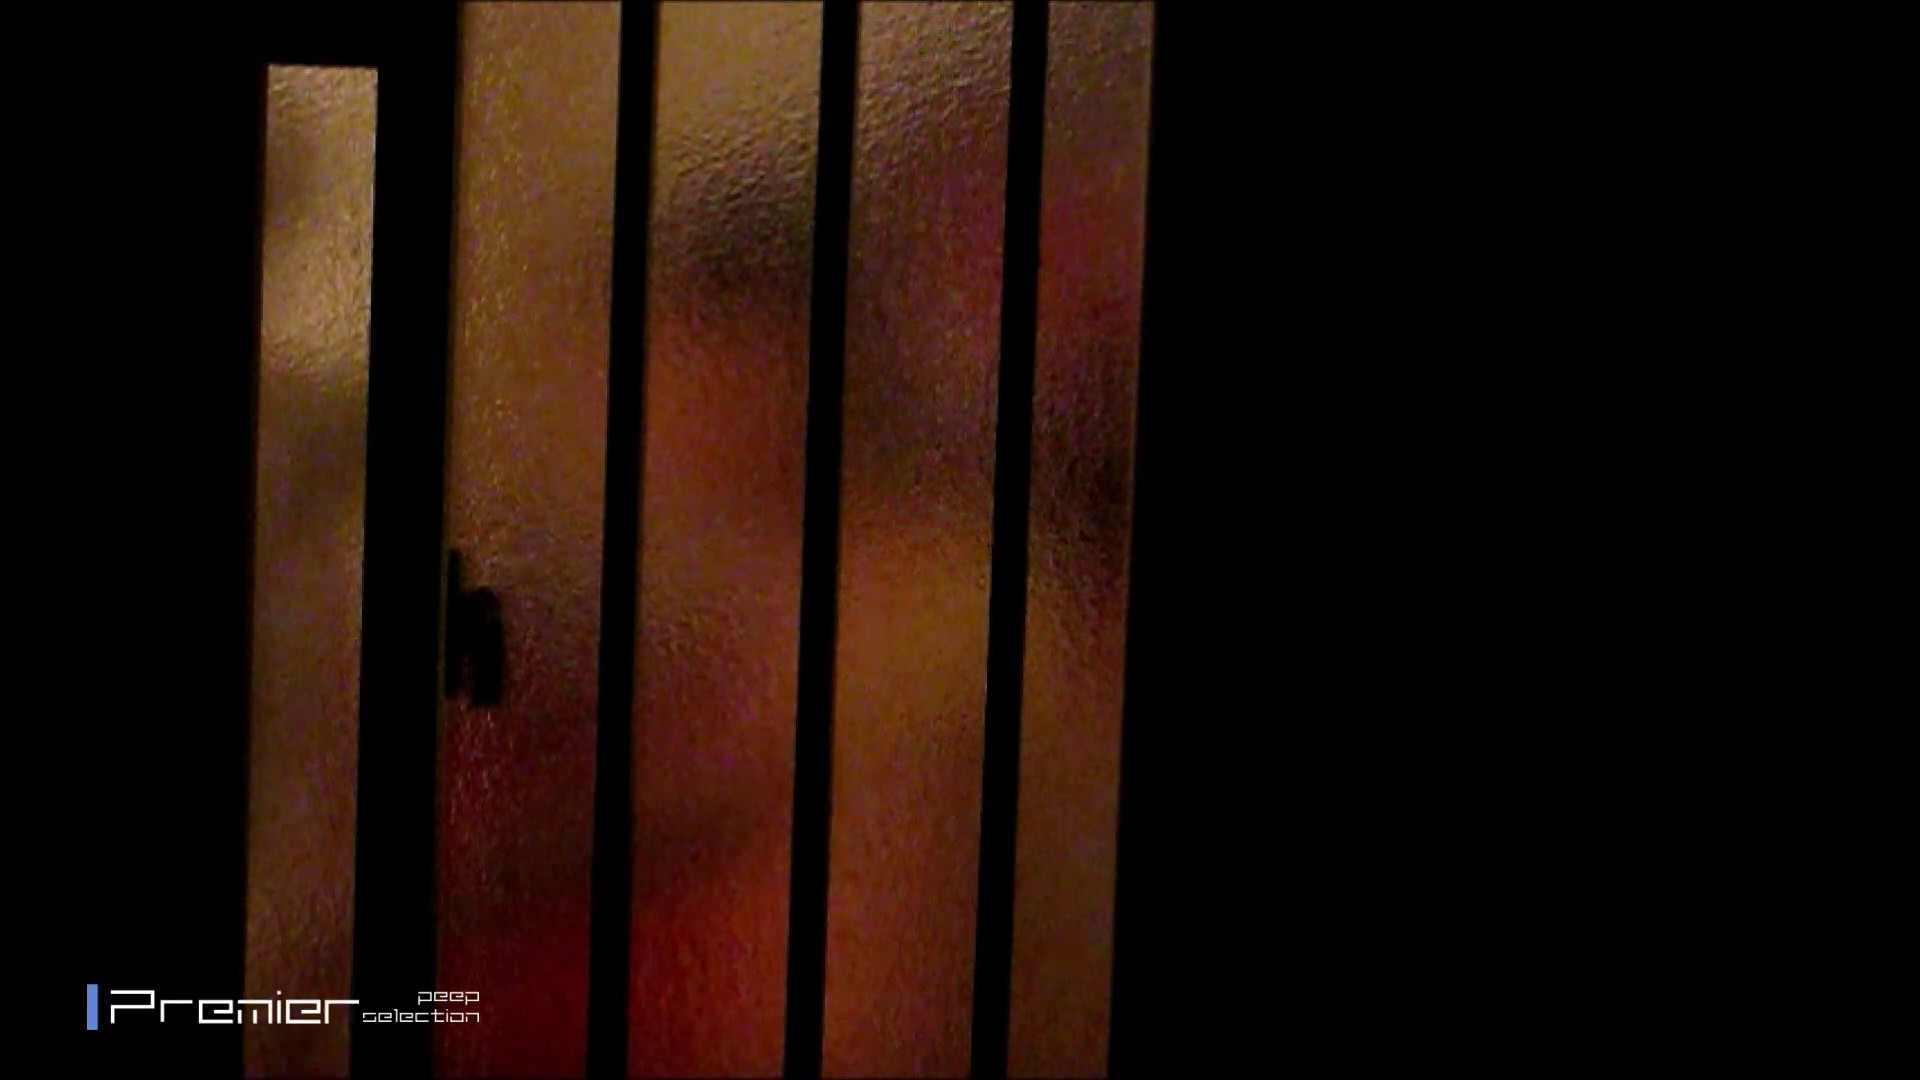 スレンダー美女の桃色乳首 乙女の風呂場 Vol.09 投稿 オメコ無修正動画無料 51pic 34